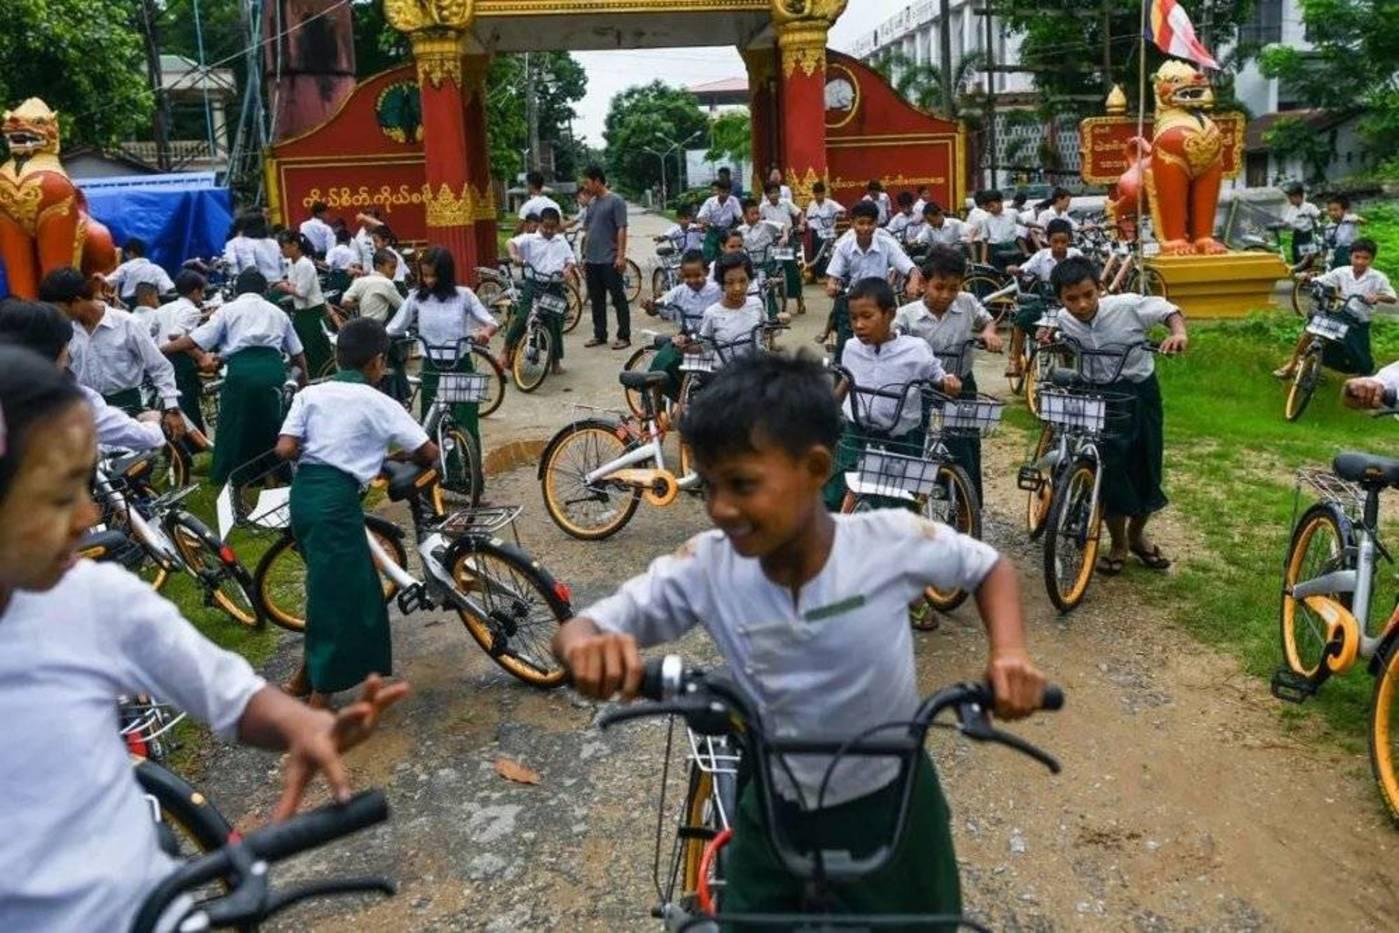 在迈克的帮助下缅甸孩子拥有了自己的单车